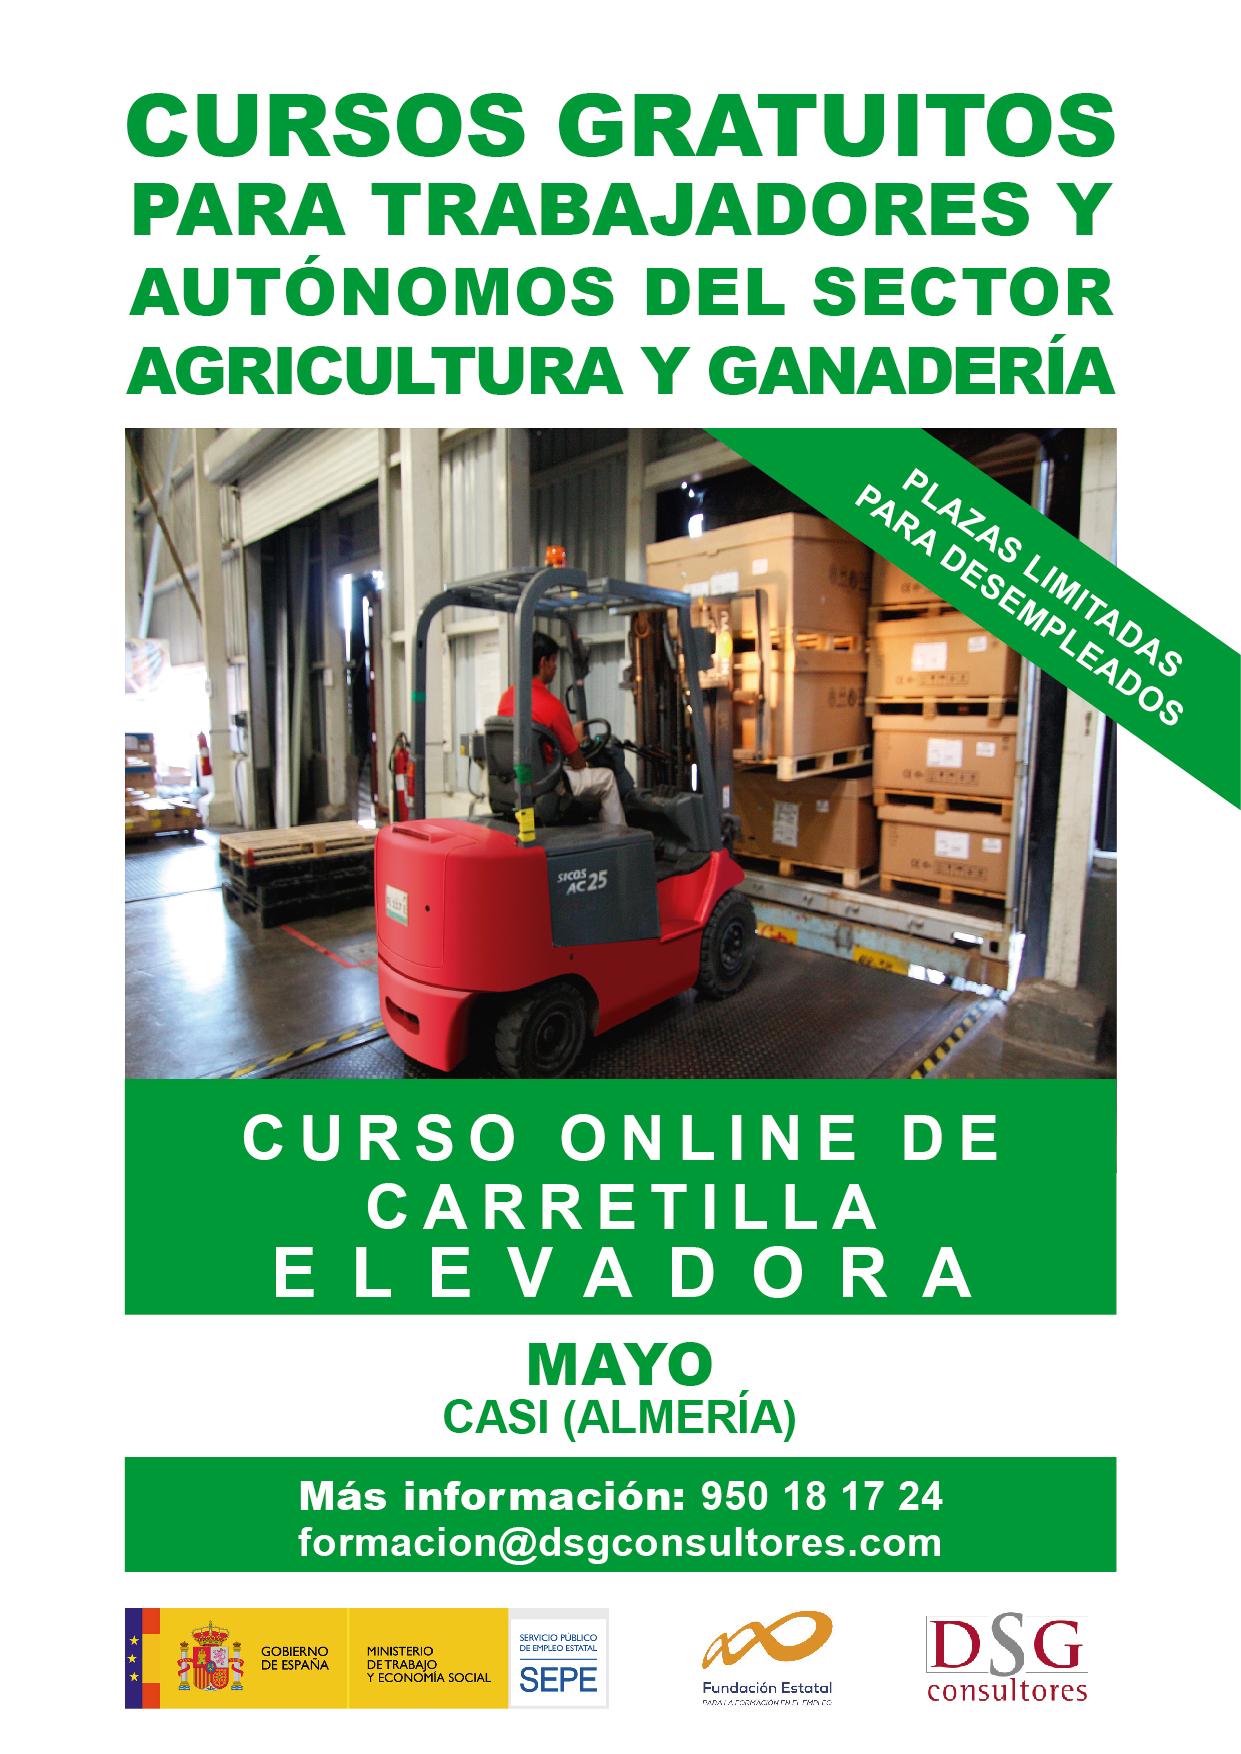 COML001PO - CONDUCCIÓN DE CARRETILLAS ELEVADORAS